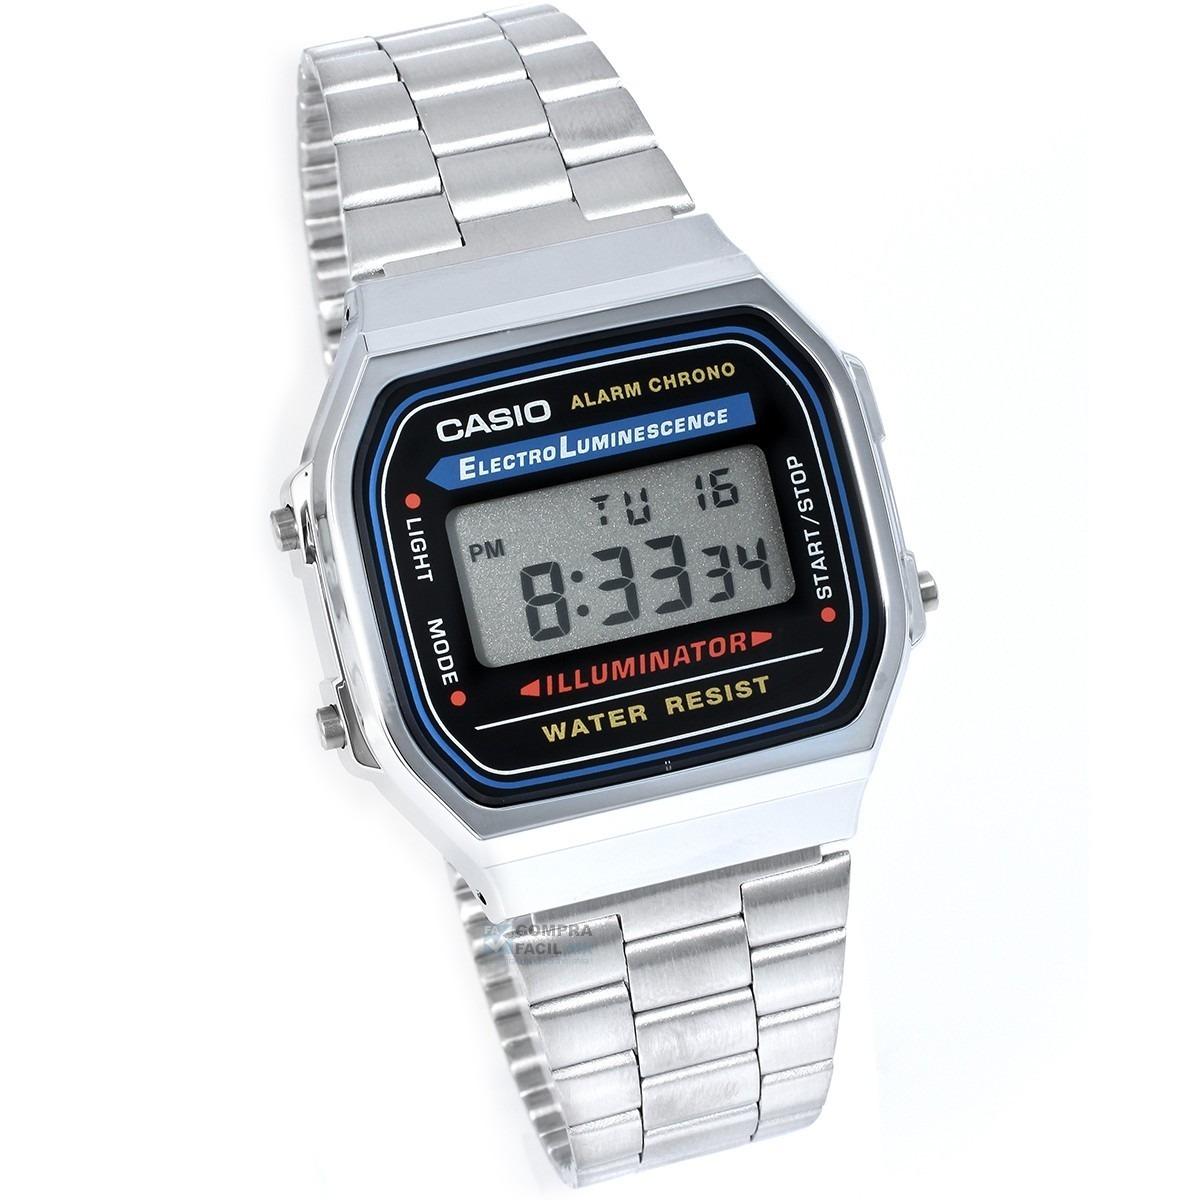 Casio Reloj Casio Reloj Retro 100Original Plateado iTPkOuXZ